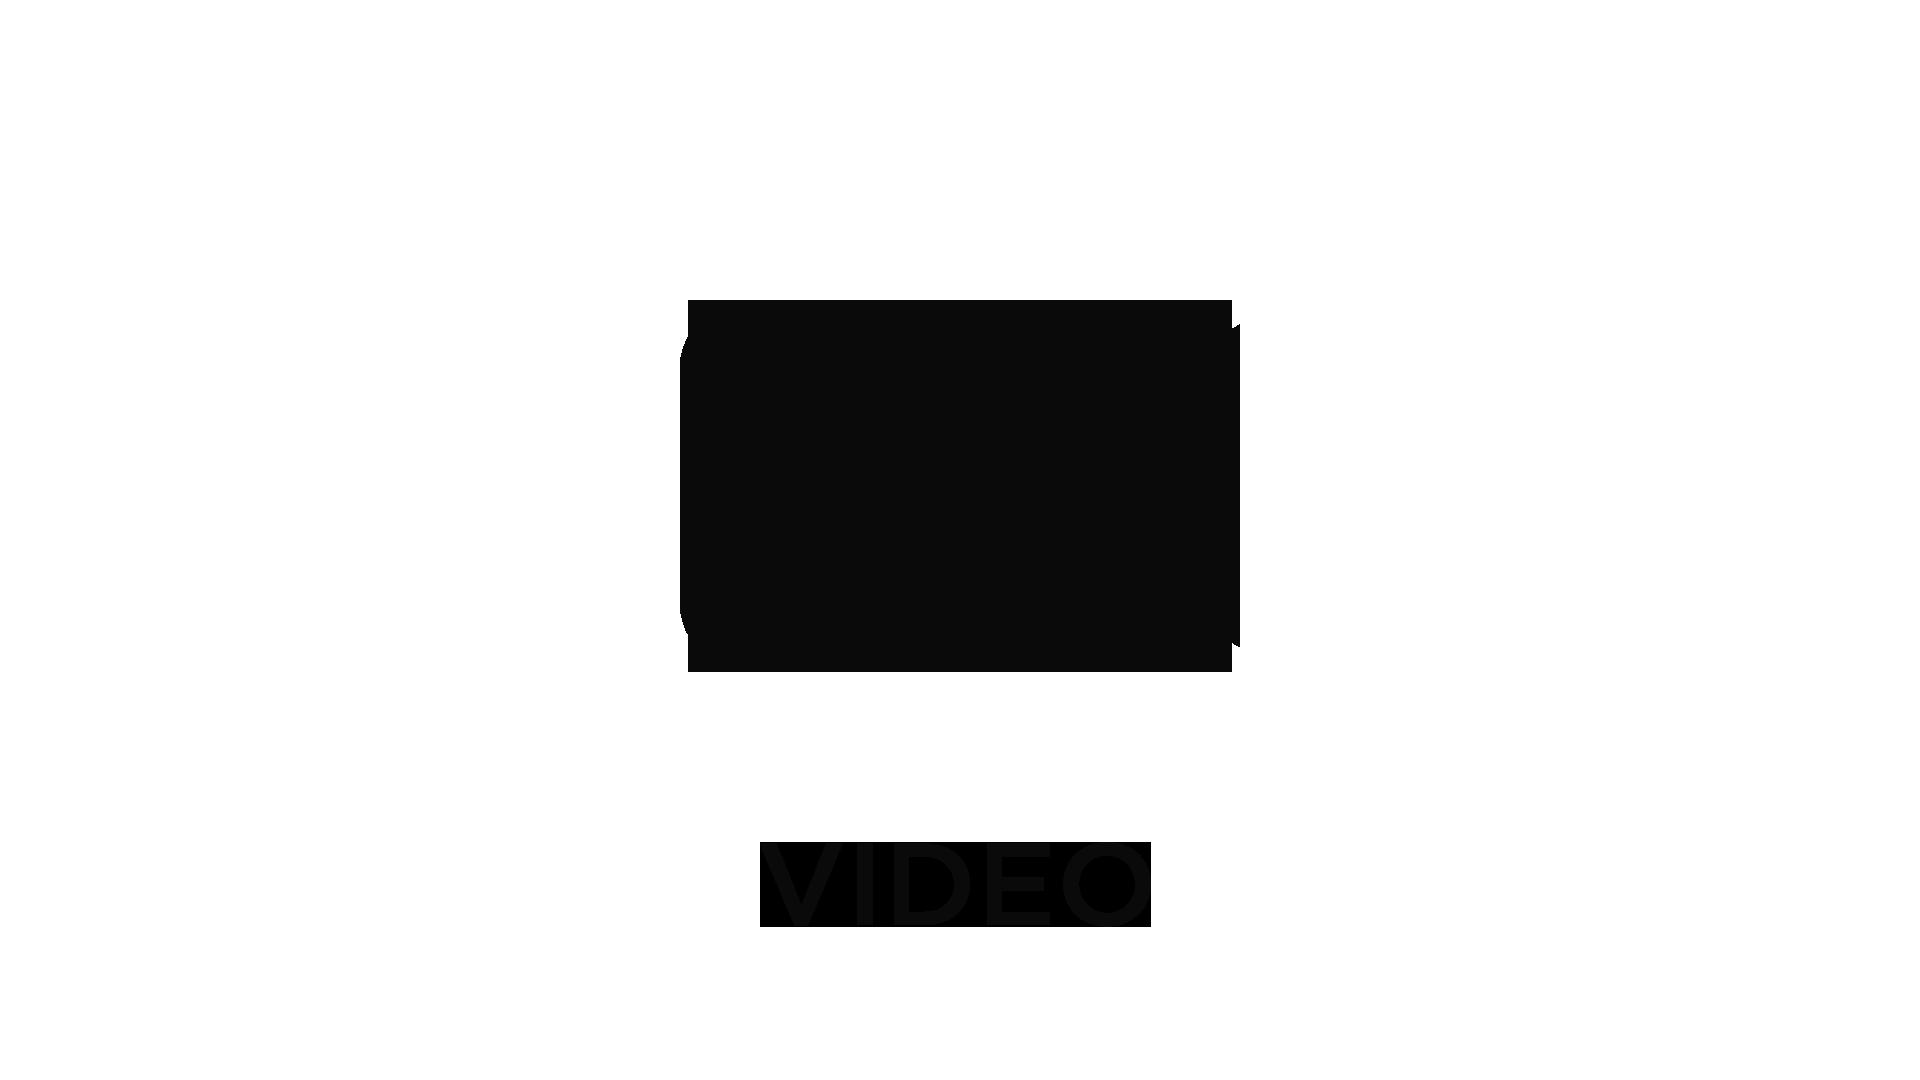 VideoIconBlack.png